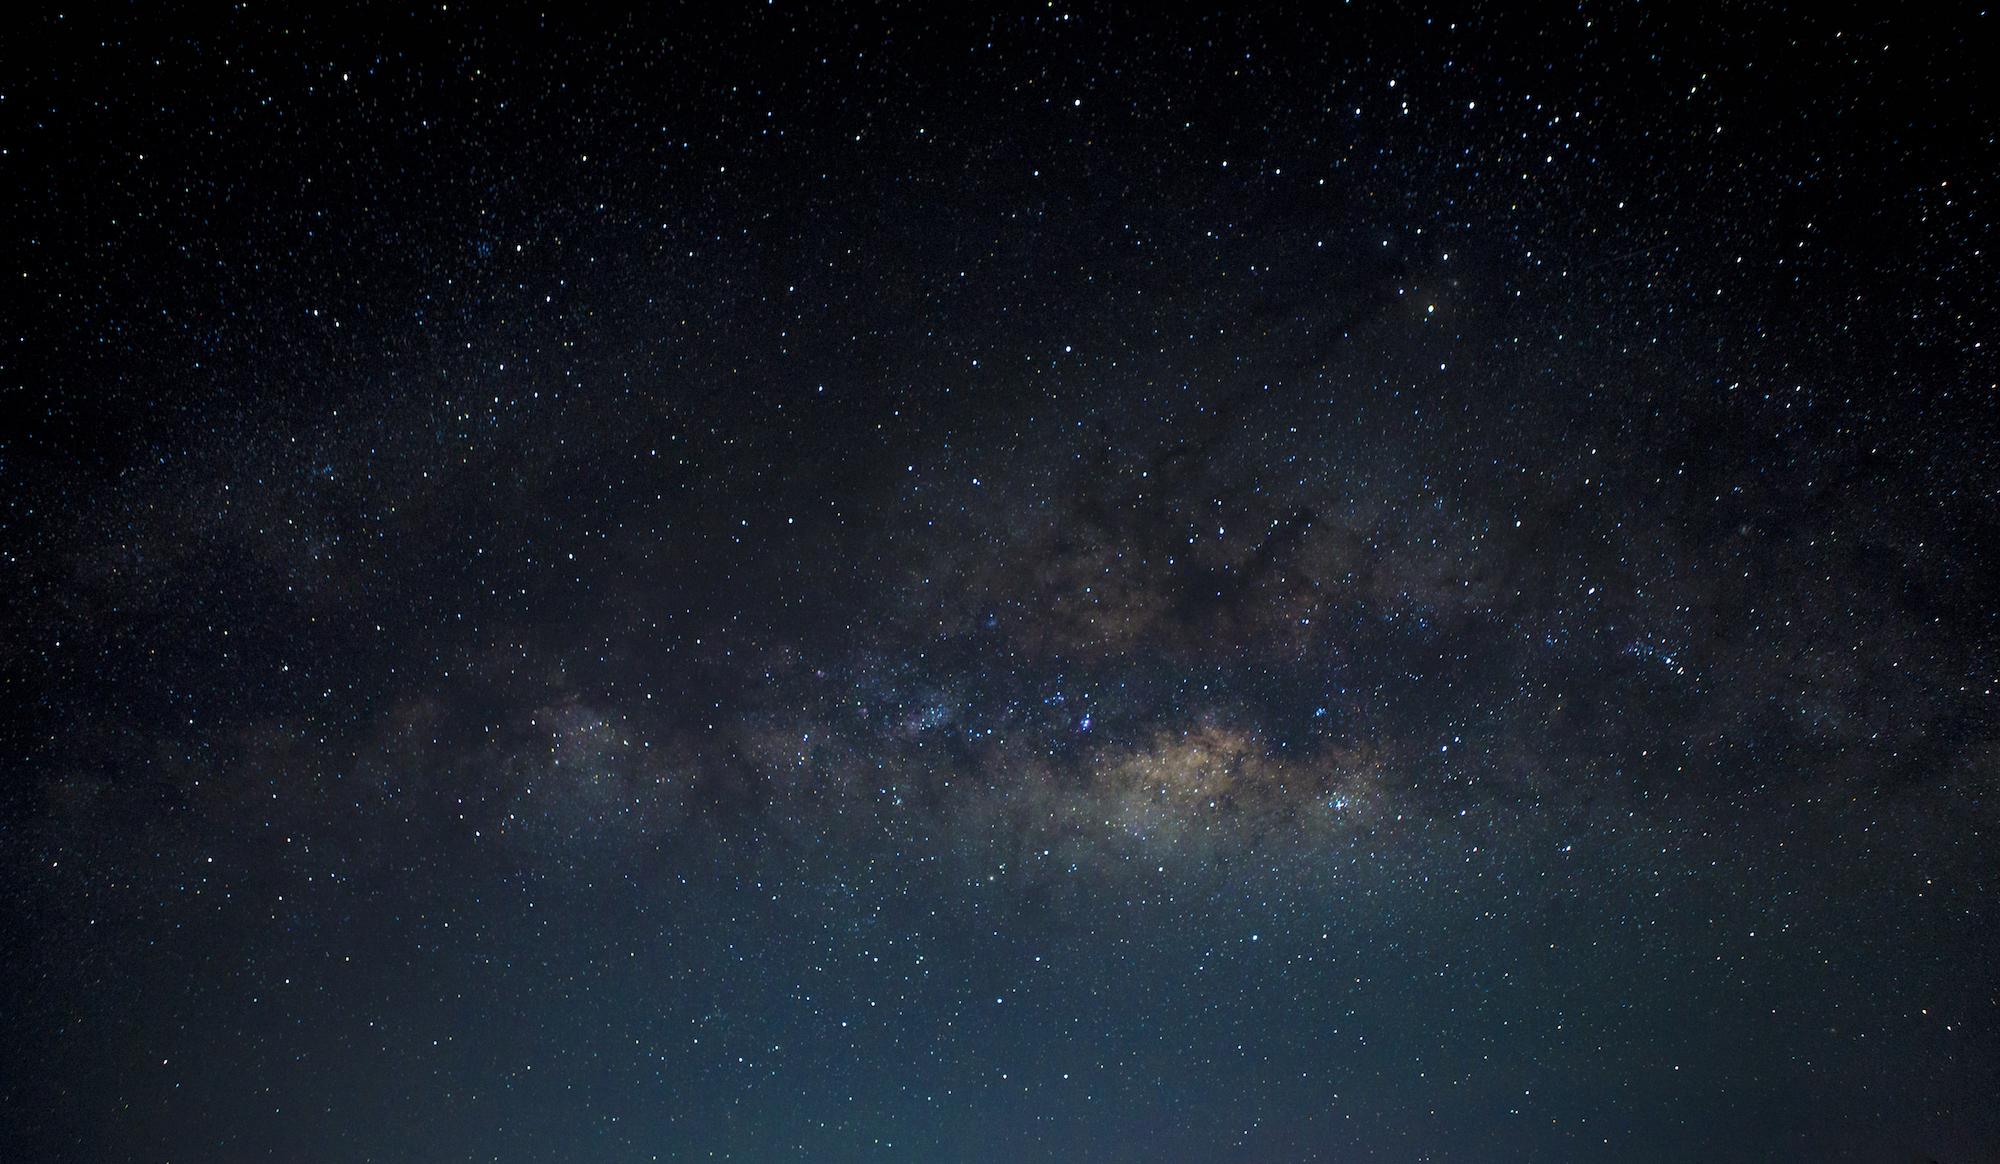 Ảnh bầu trời về đêm rất đẹp